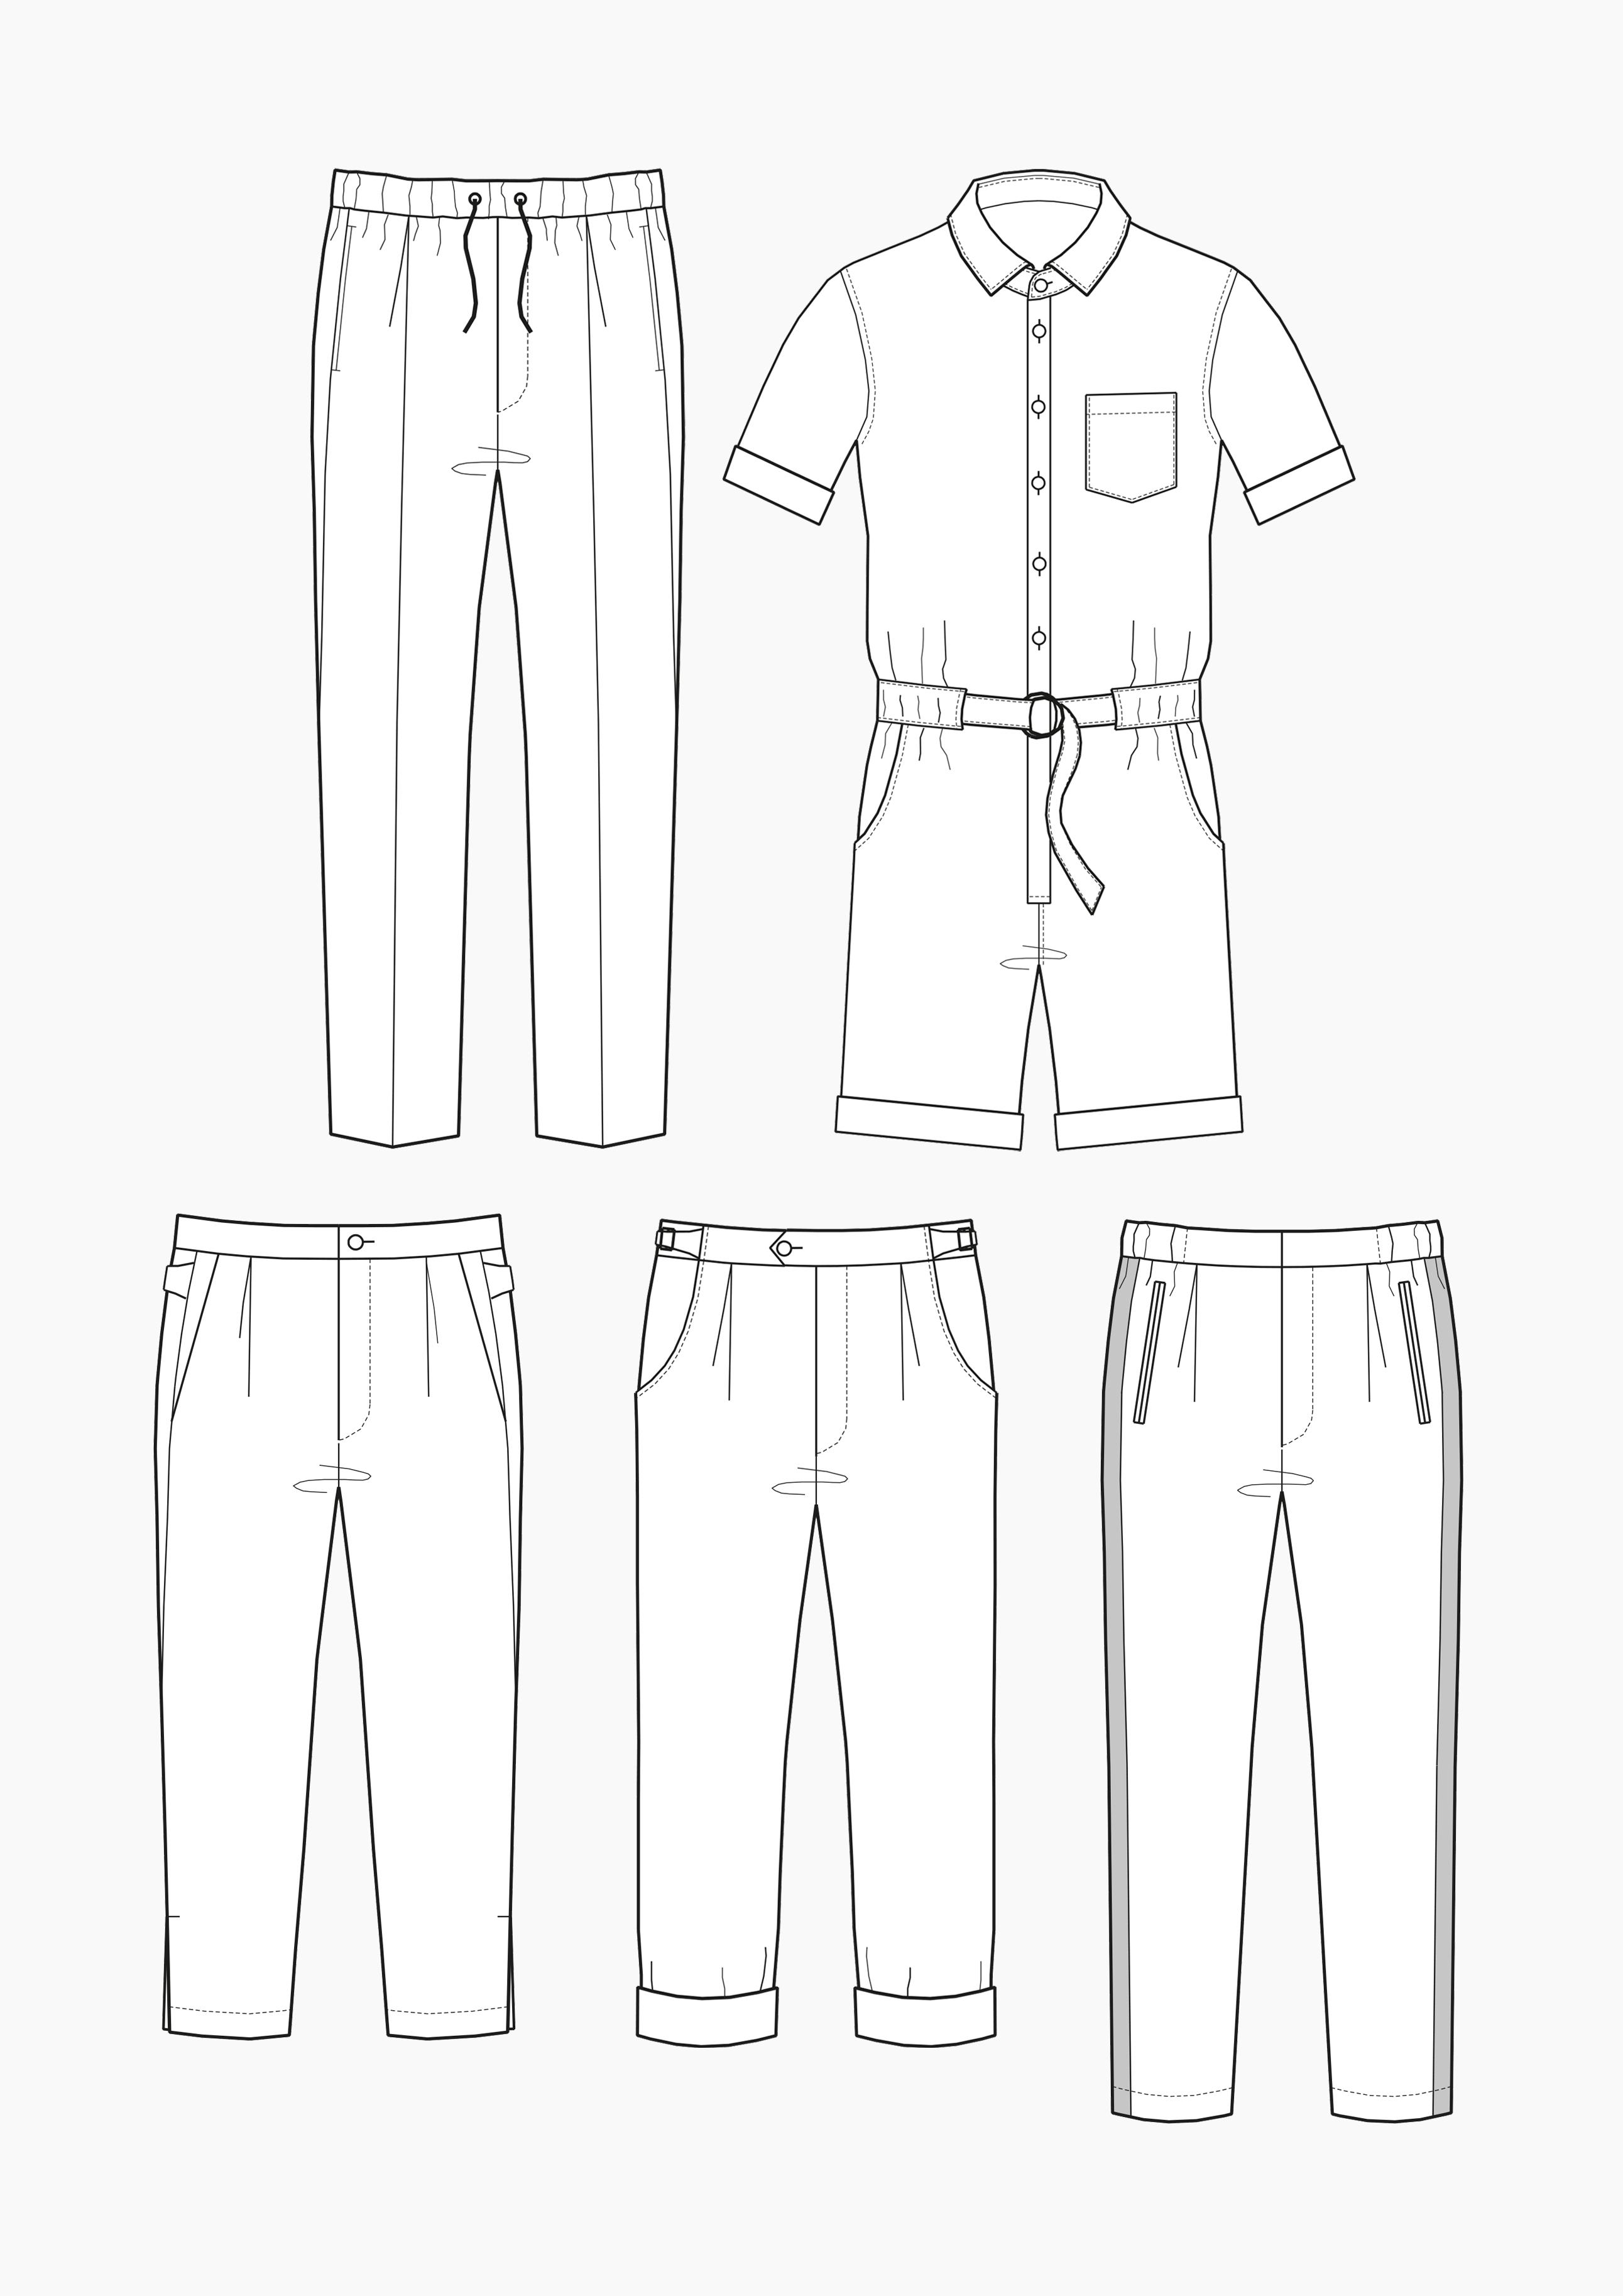 Produkt: Schnitt-Technik Flexible Hosen